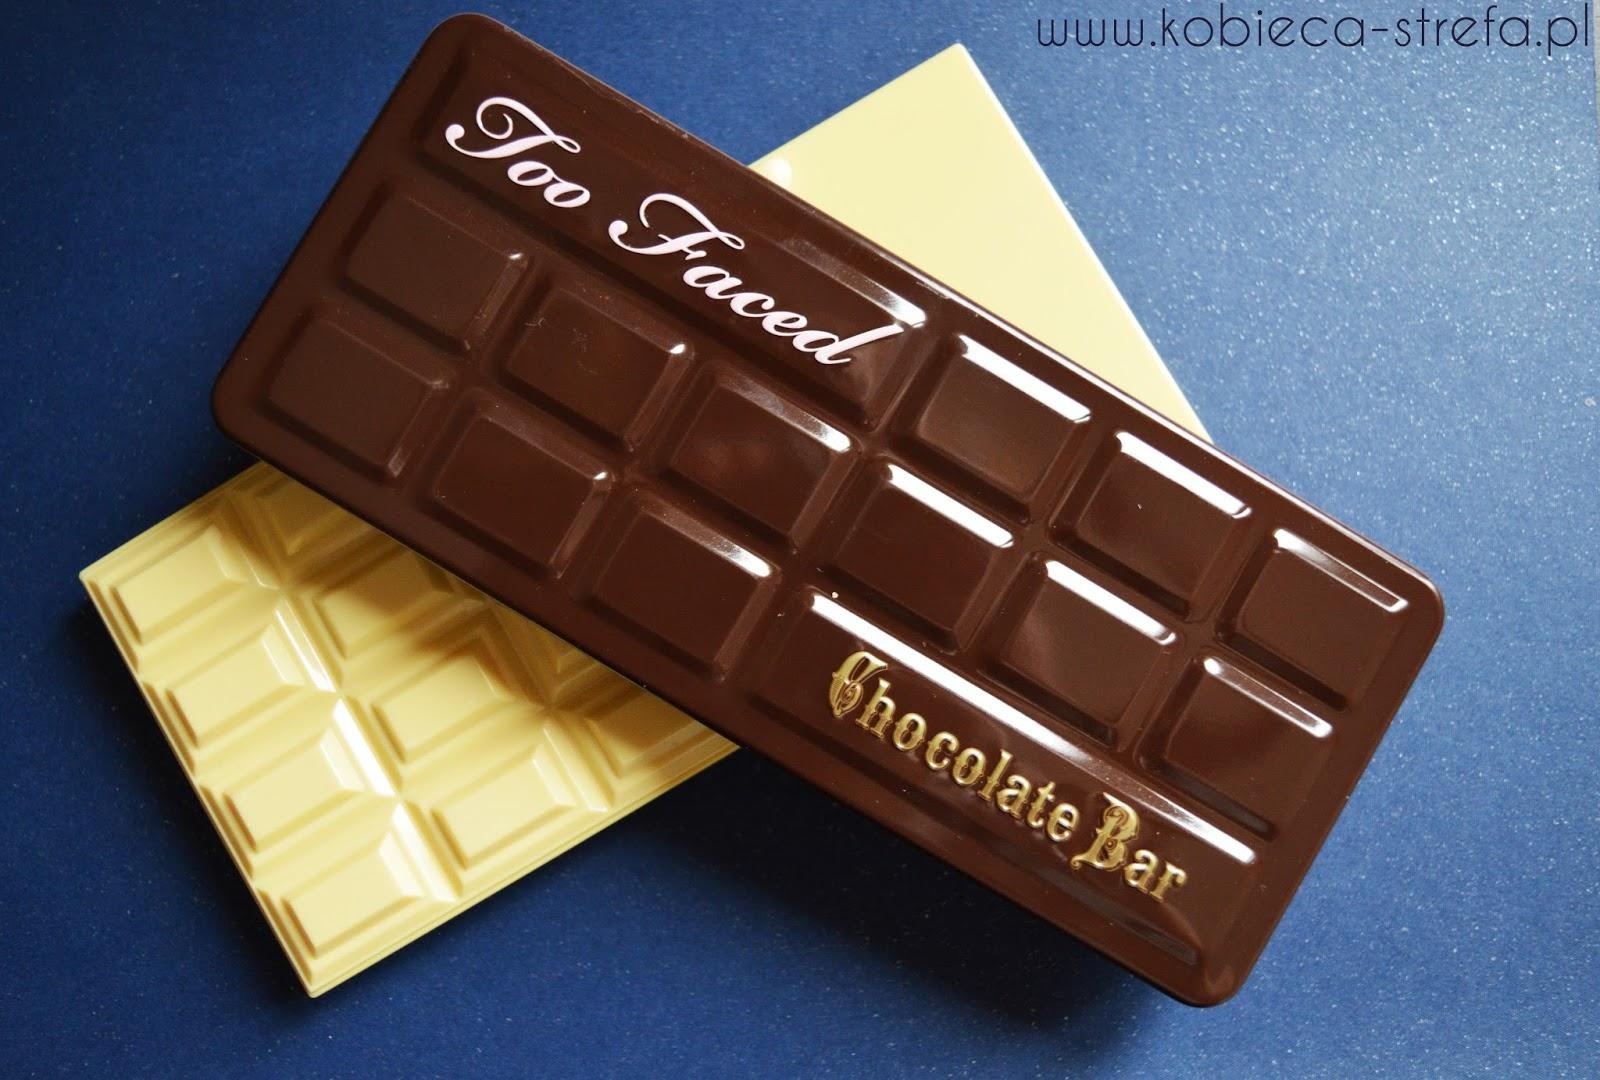 Porównanie czekolad - Too Faced i Makeup Revolution - palety cieni